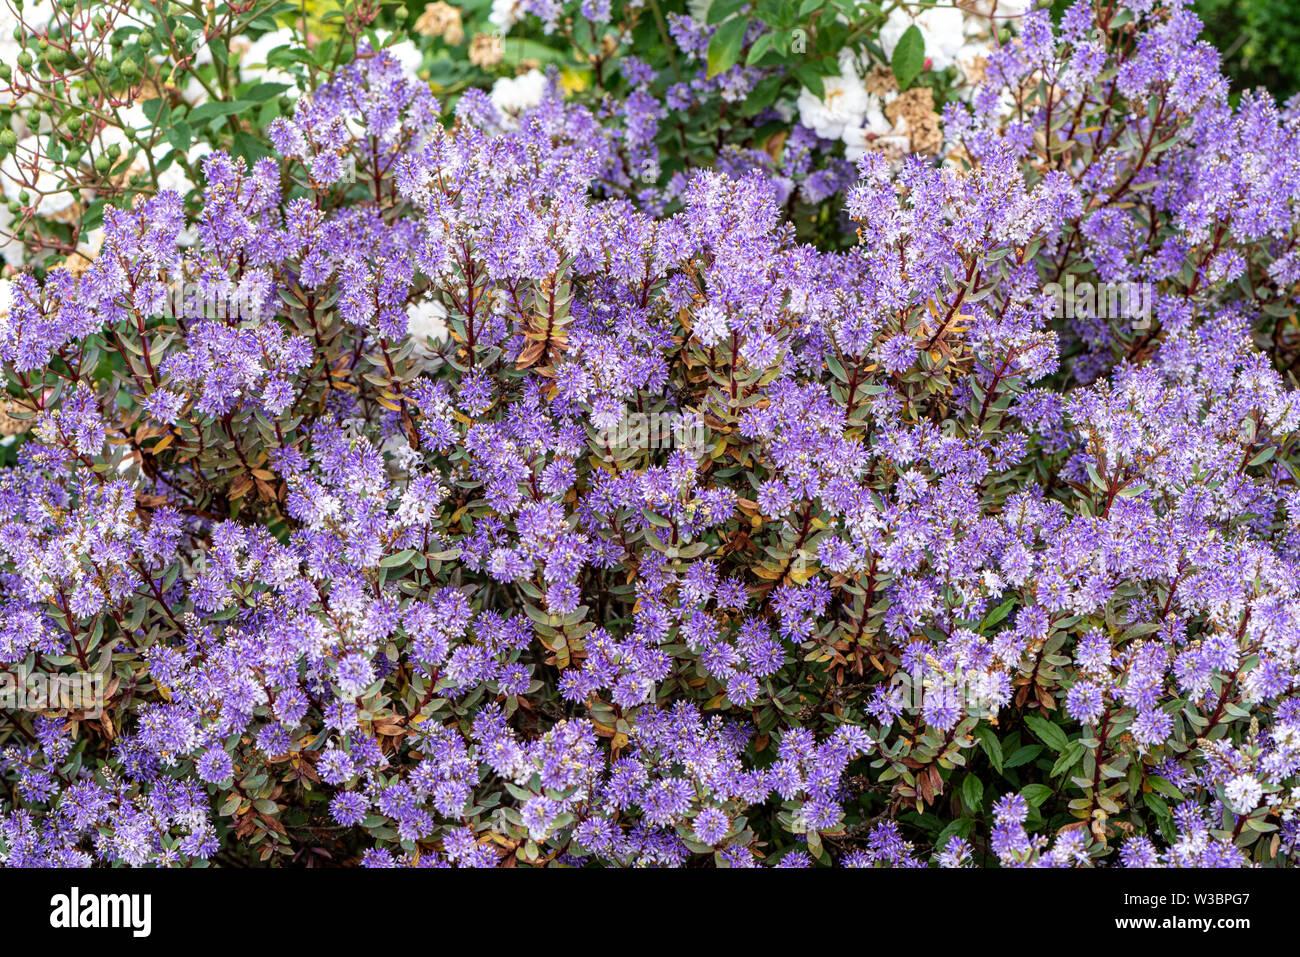 Hebe in garden in Burbage, Wiltshire, UK - Stock Image